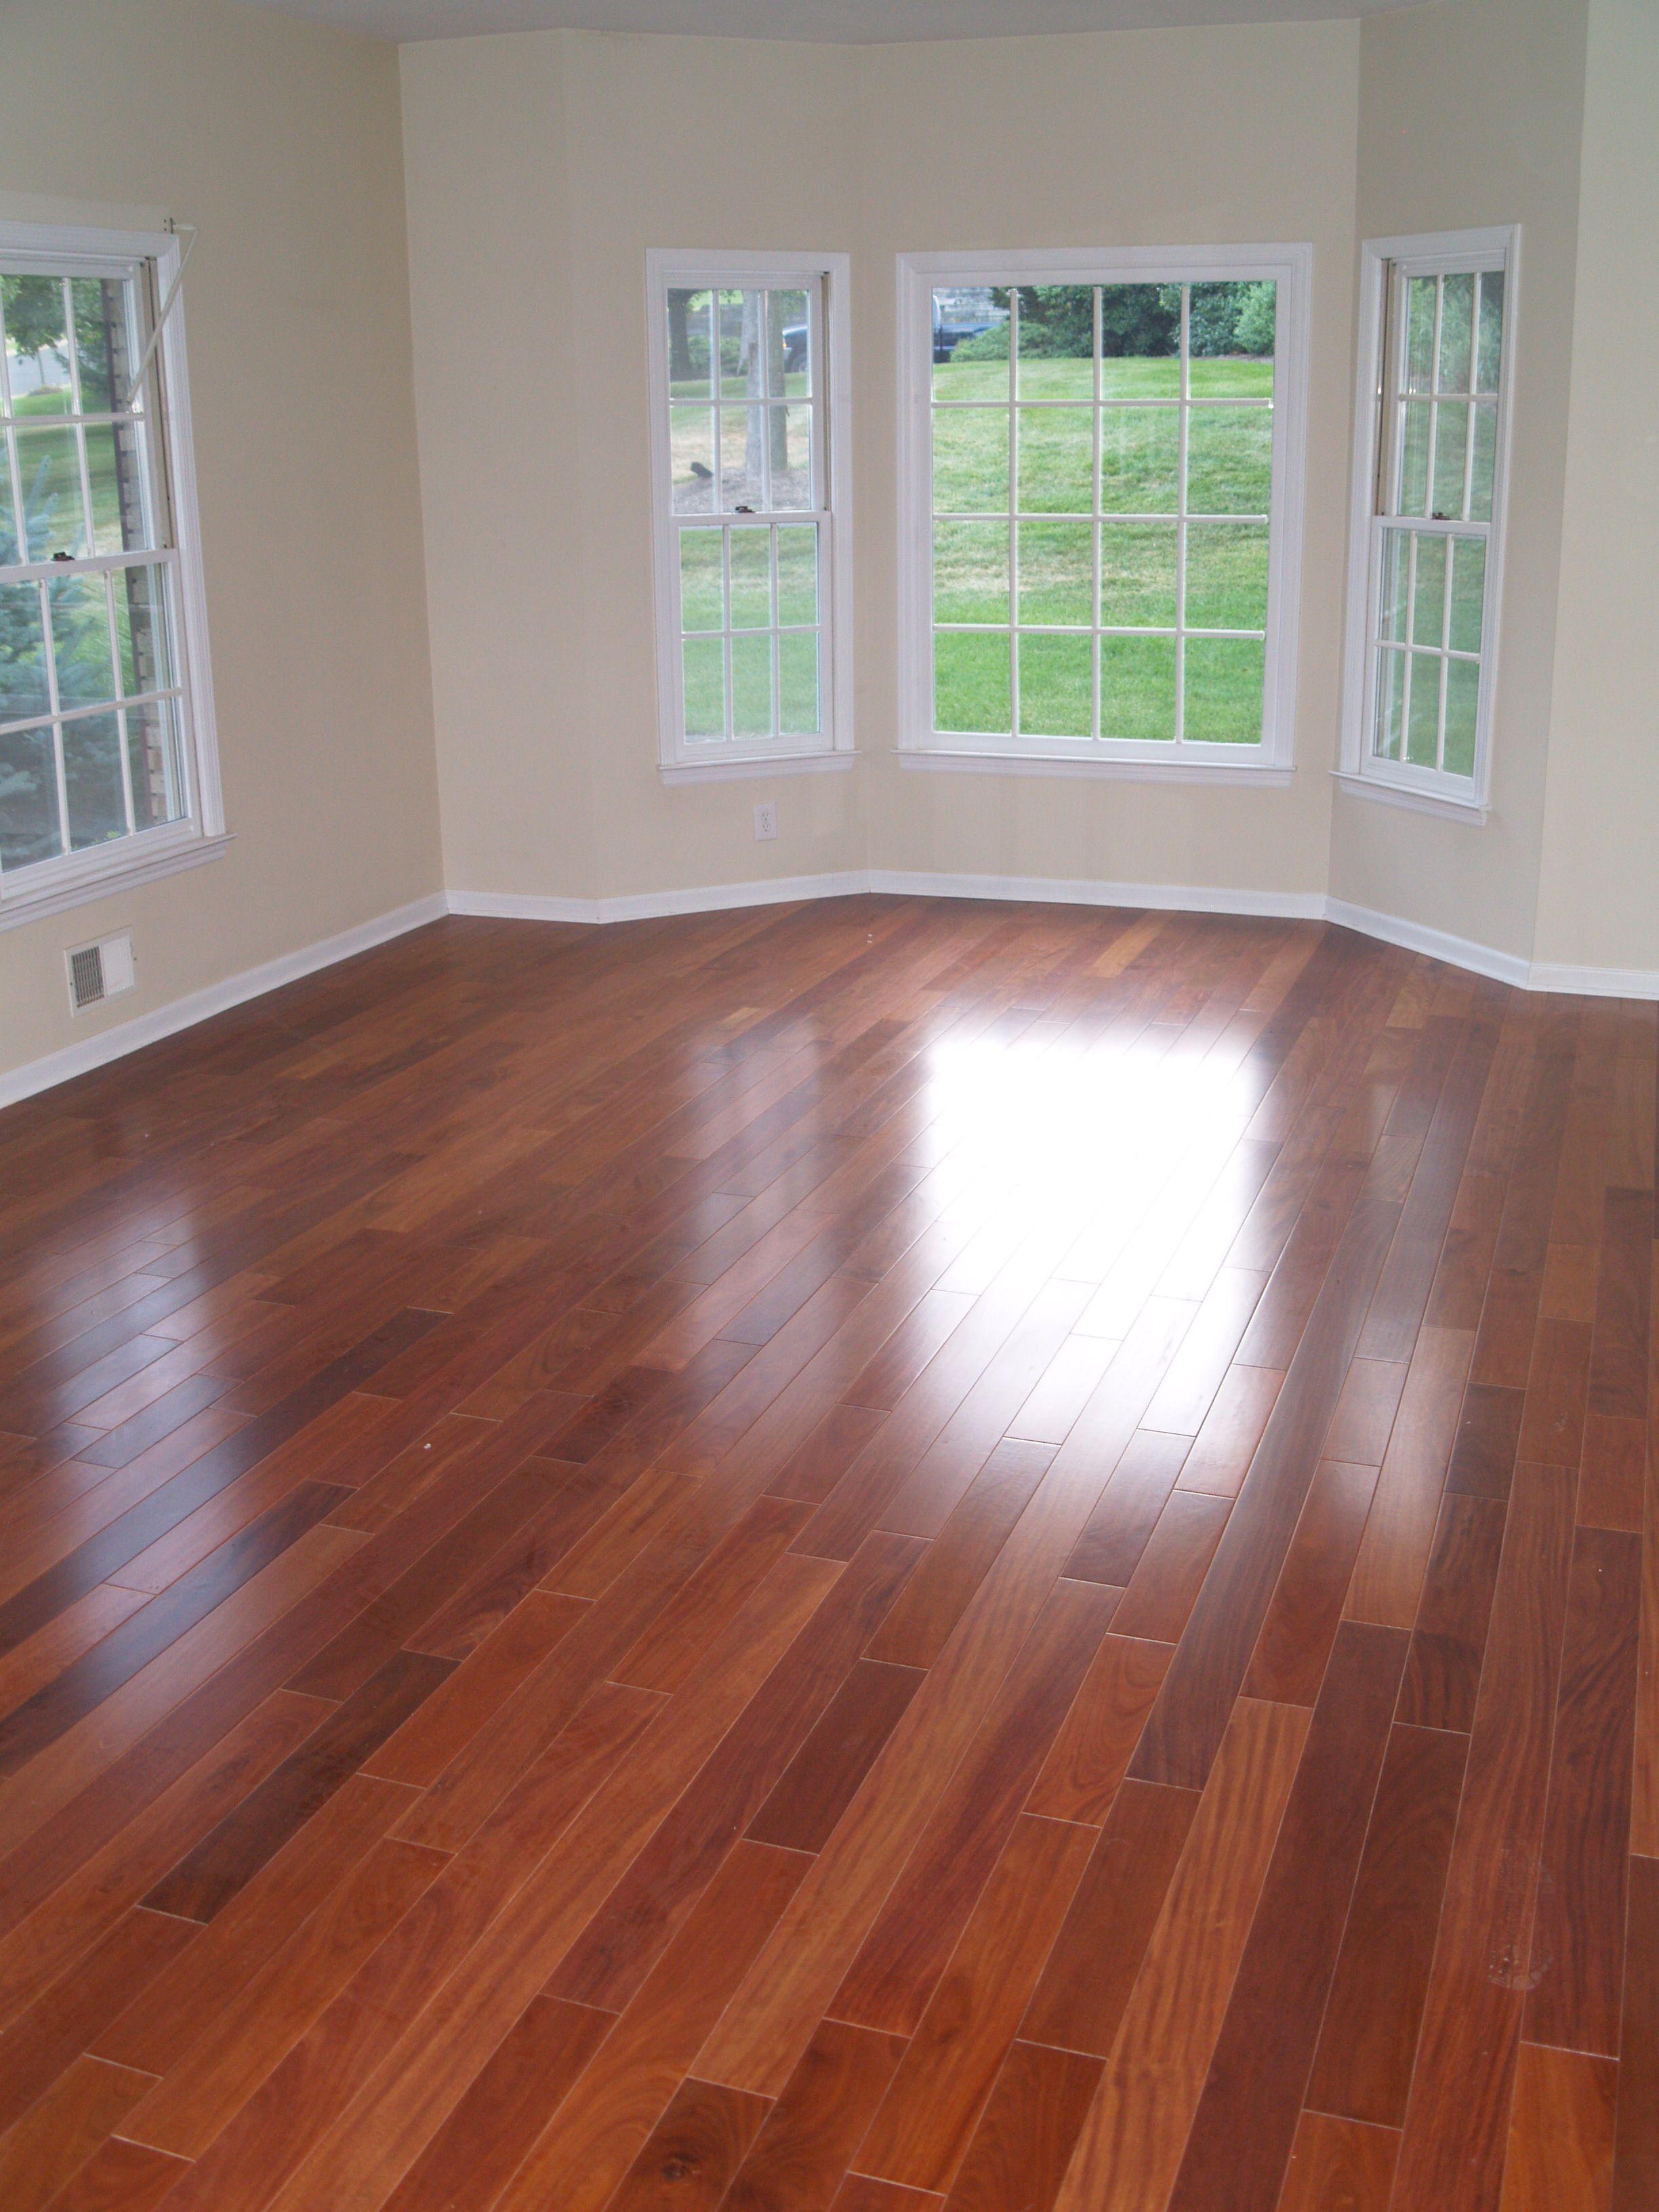 Solid santos mahogany red cabreuva hardwood flooring for Floors floors floors nj